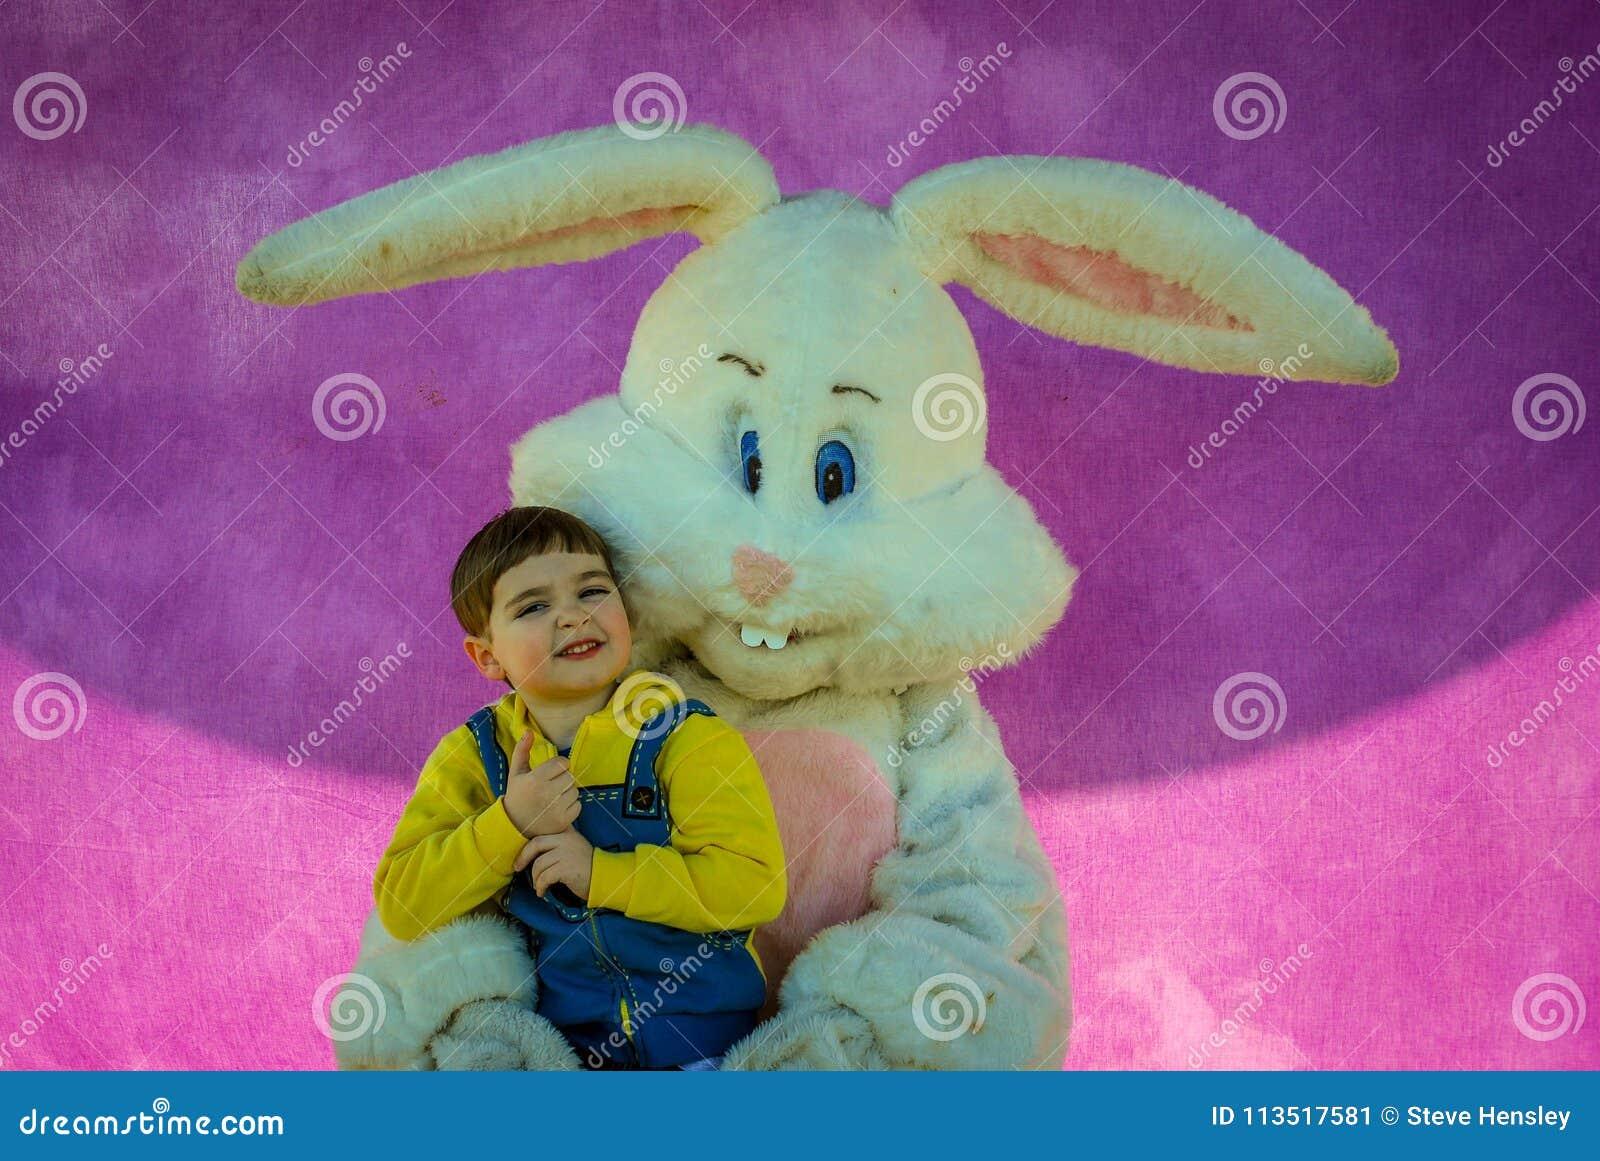 Ρίτσμοντ, KY ΗΠΑ - 31 Μαρτίου, 2018 - Πάσχα Eggstravaganza - ένα αγόρι θέτει με έναν χαρακτήρα λαγουδάκι Πάσχας για μια φωτογραφί